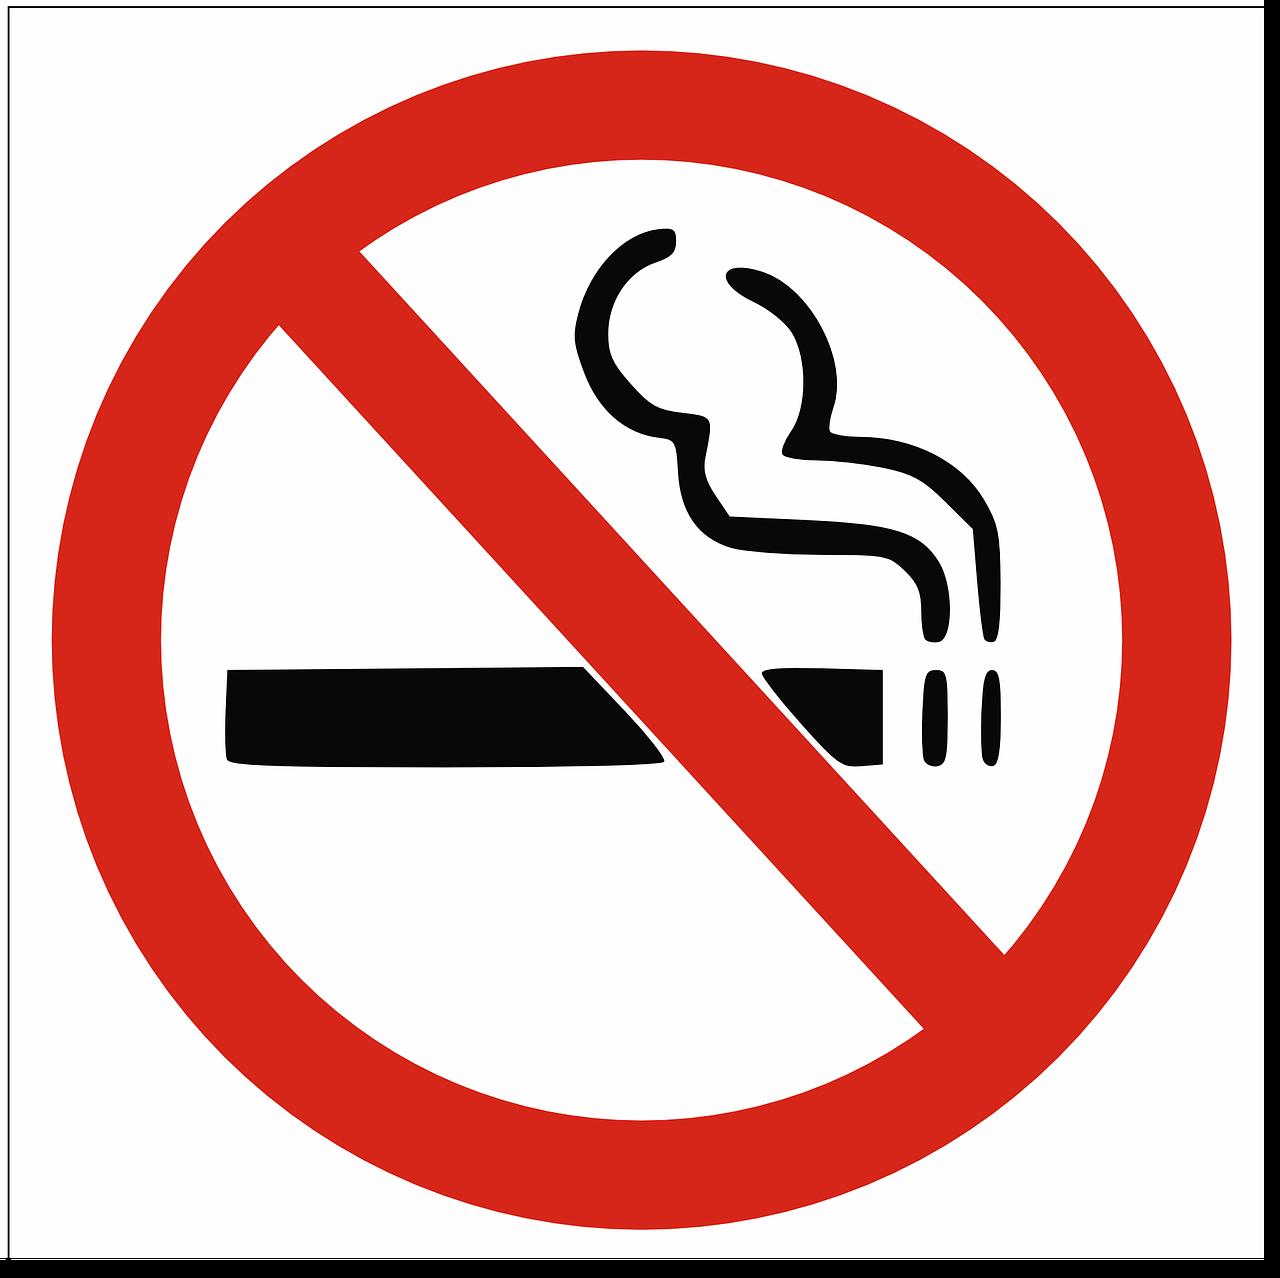 no-smoking-24122_1280